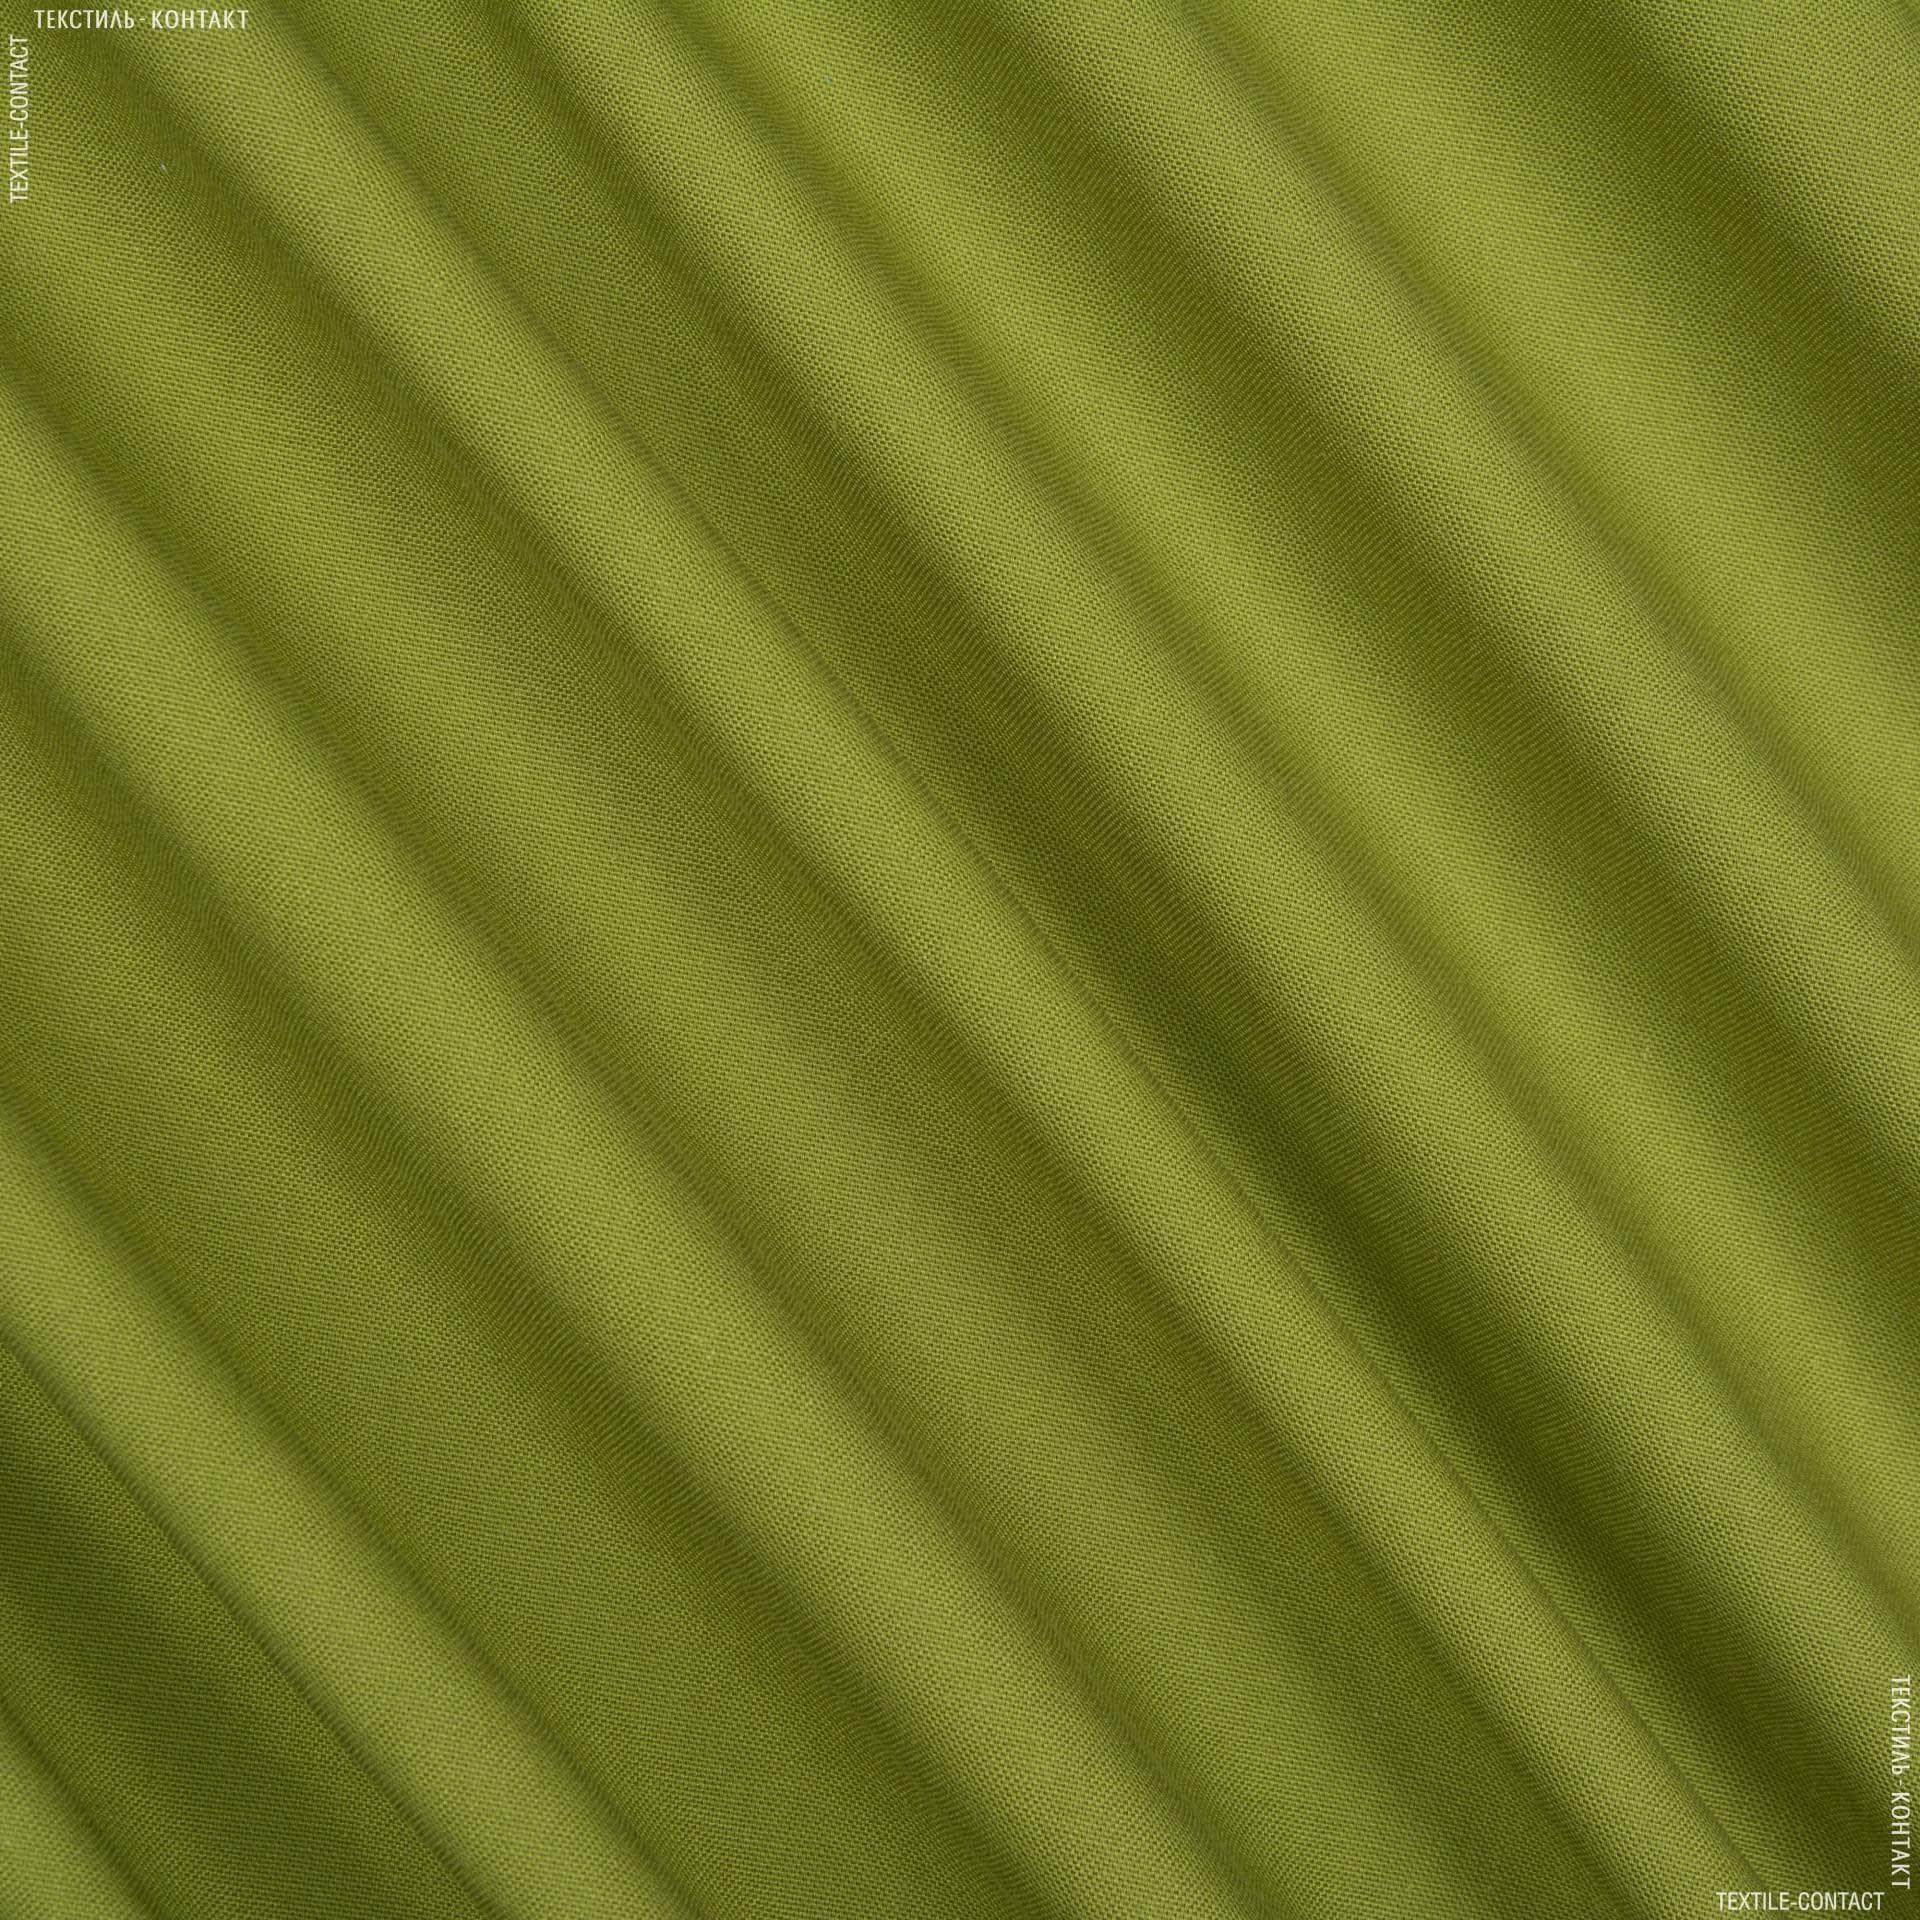 Тканини портьєрні тканини - Декоративна тканина анна липа